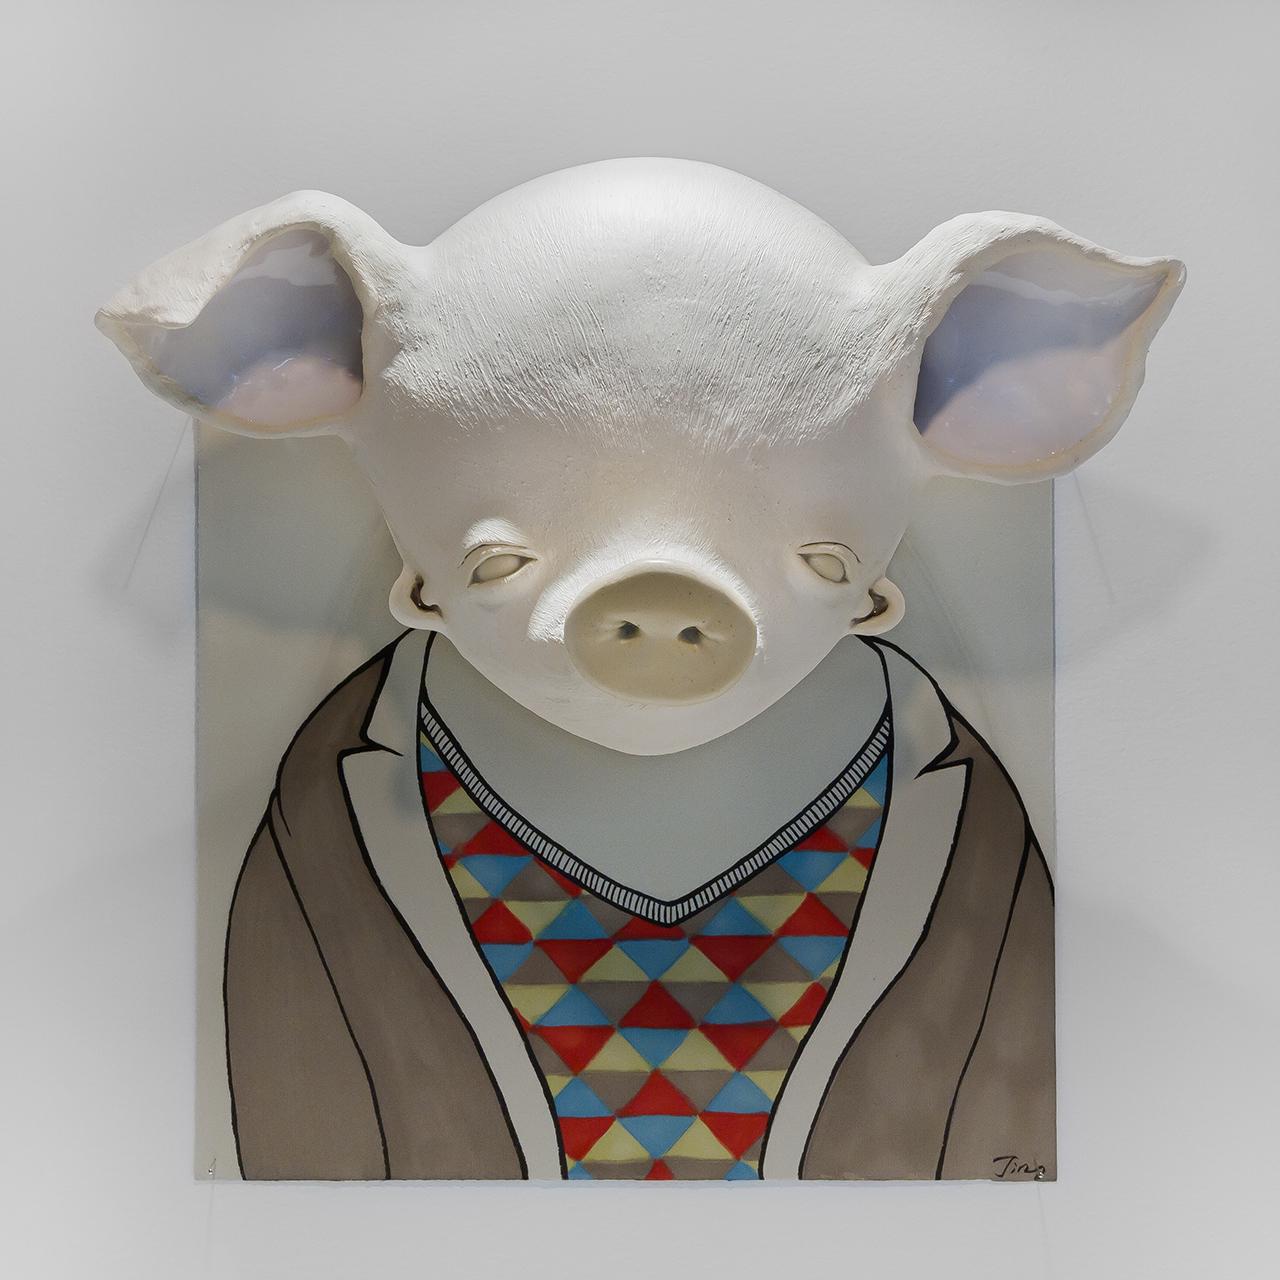 Dislocation Series – Swine, 2016 w37cm x h38cm x d15cm Glazed earthenware, paper, ink, marker